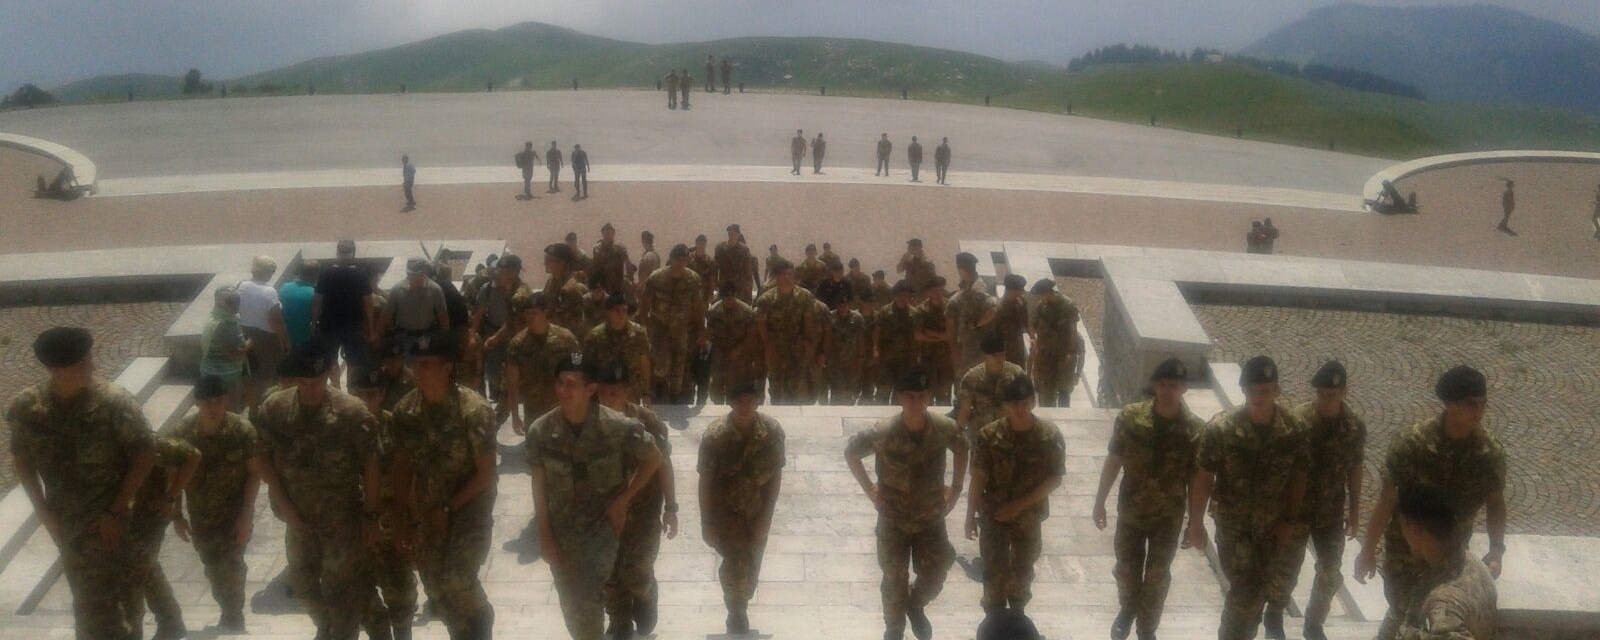 9 luglio 2016: gli Allievi Ufficiali dell'Accademia Militare di Modena in visita al Sacrario del Grappa